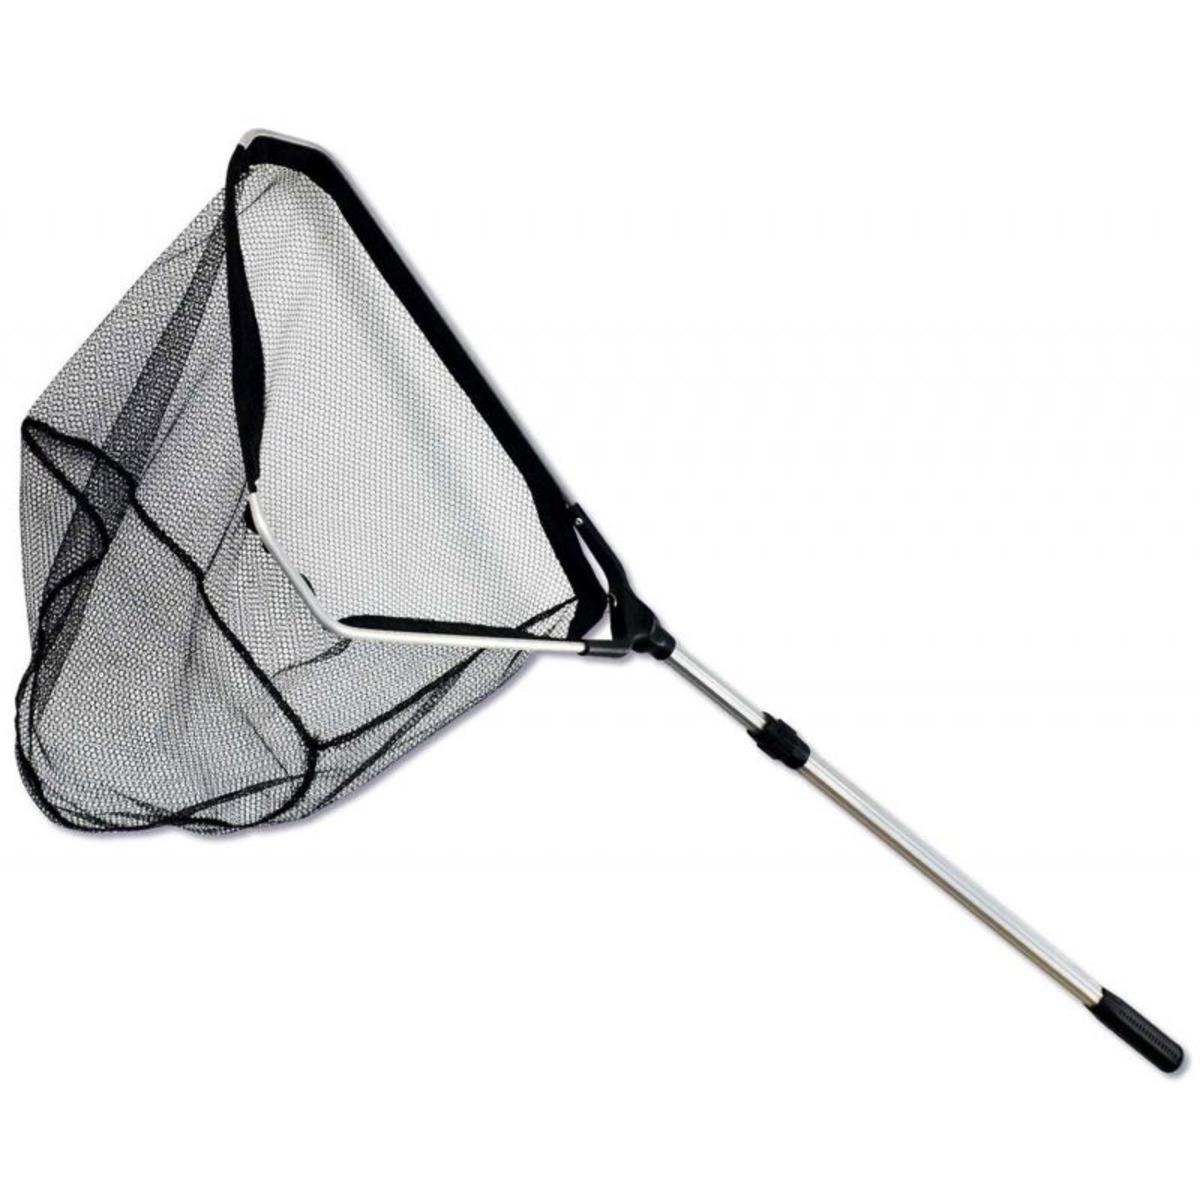 Zebco Triangle Tele Net - 1.60 m - 45x45x30 cm - 3x3 mm